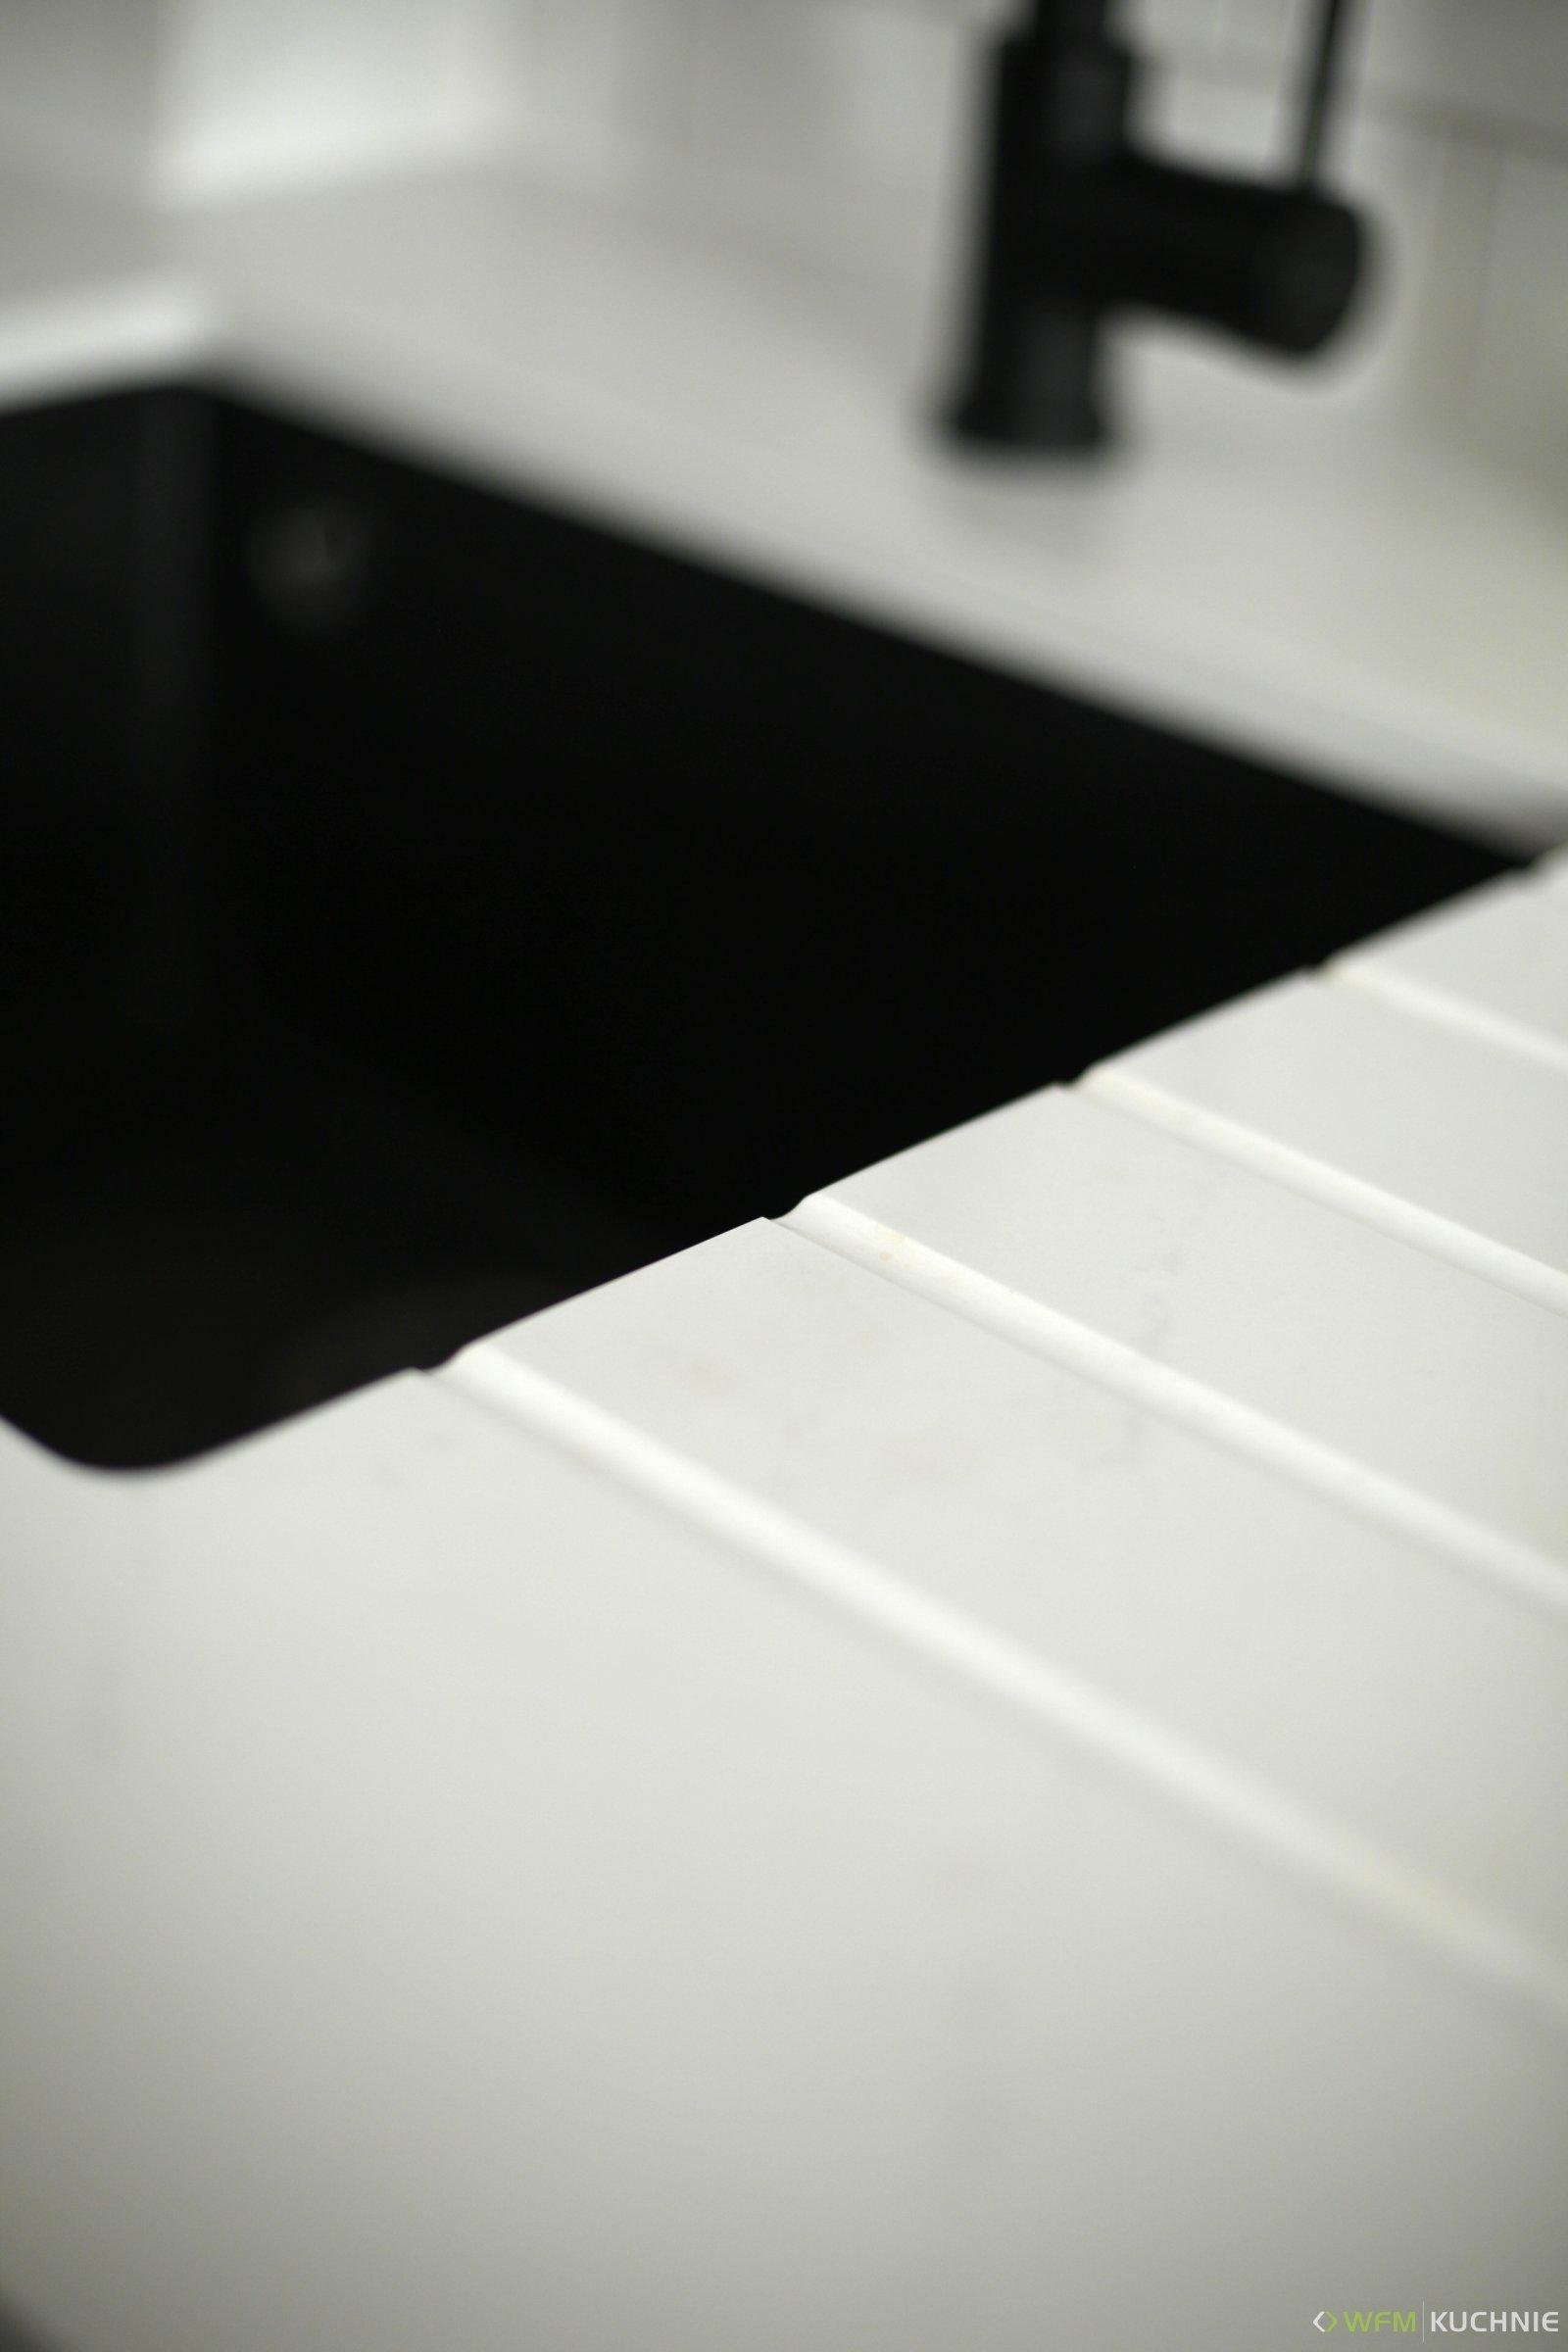 Kuchnie na zamówienie WFM PIANO II orzech ciepły usłojenie pionowe - WFM KUCHNIE Kraków